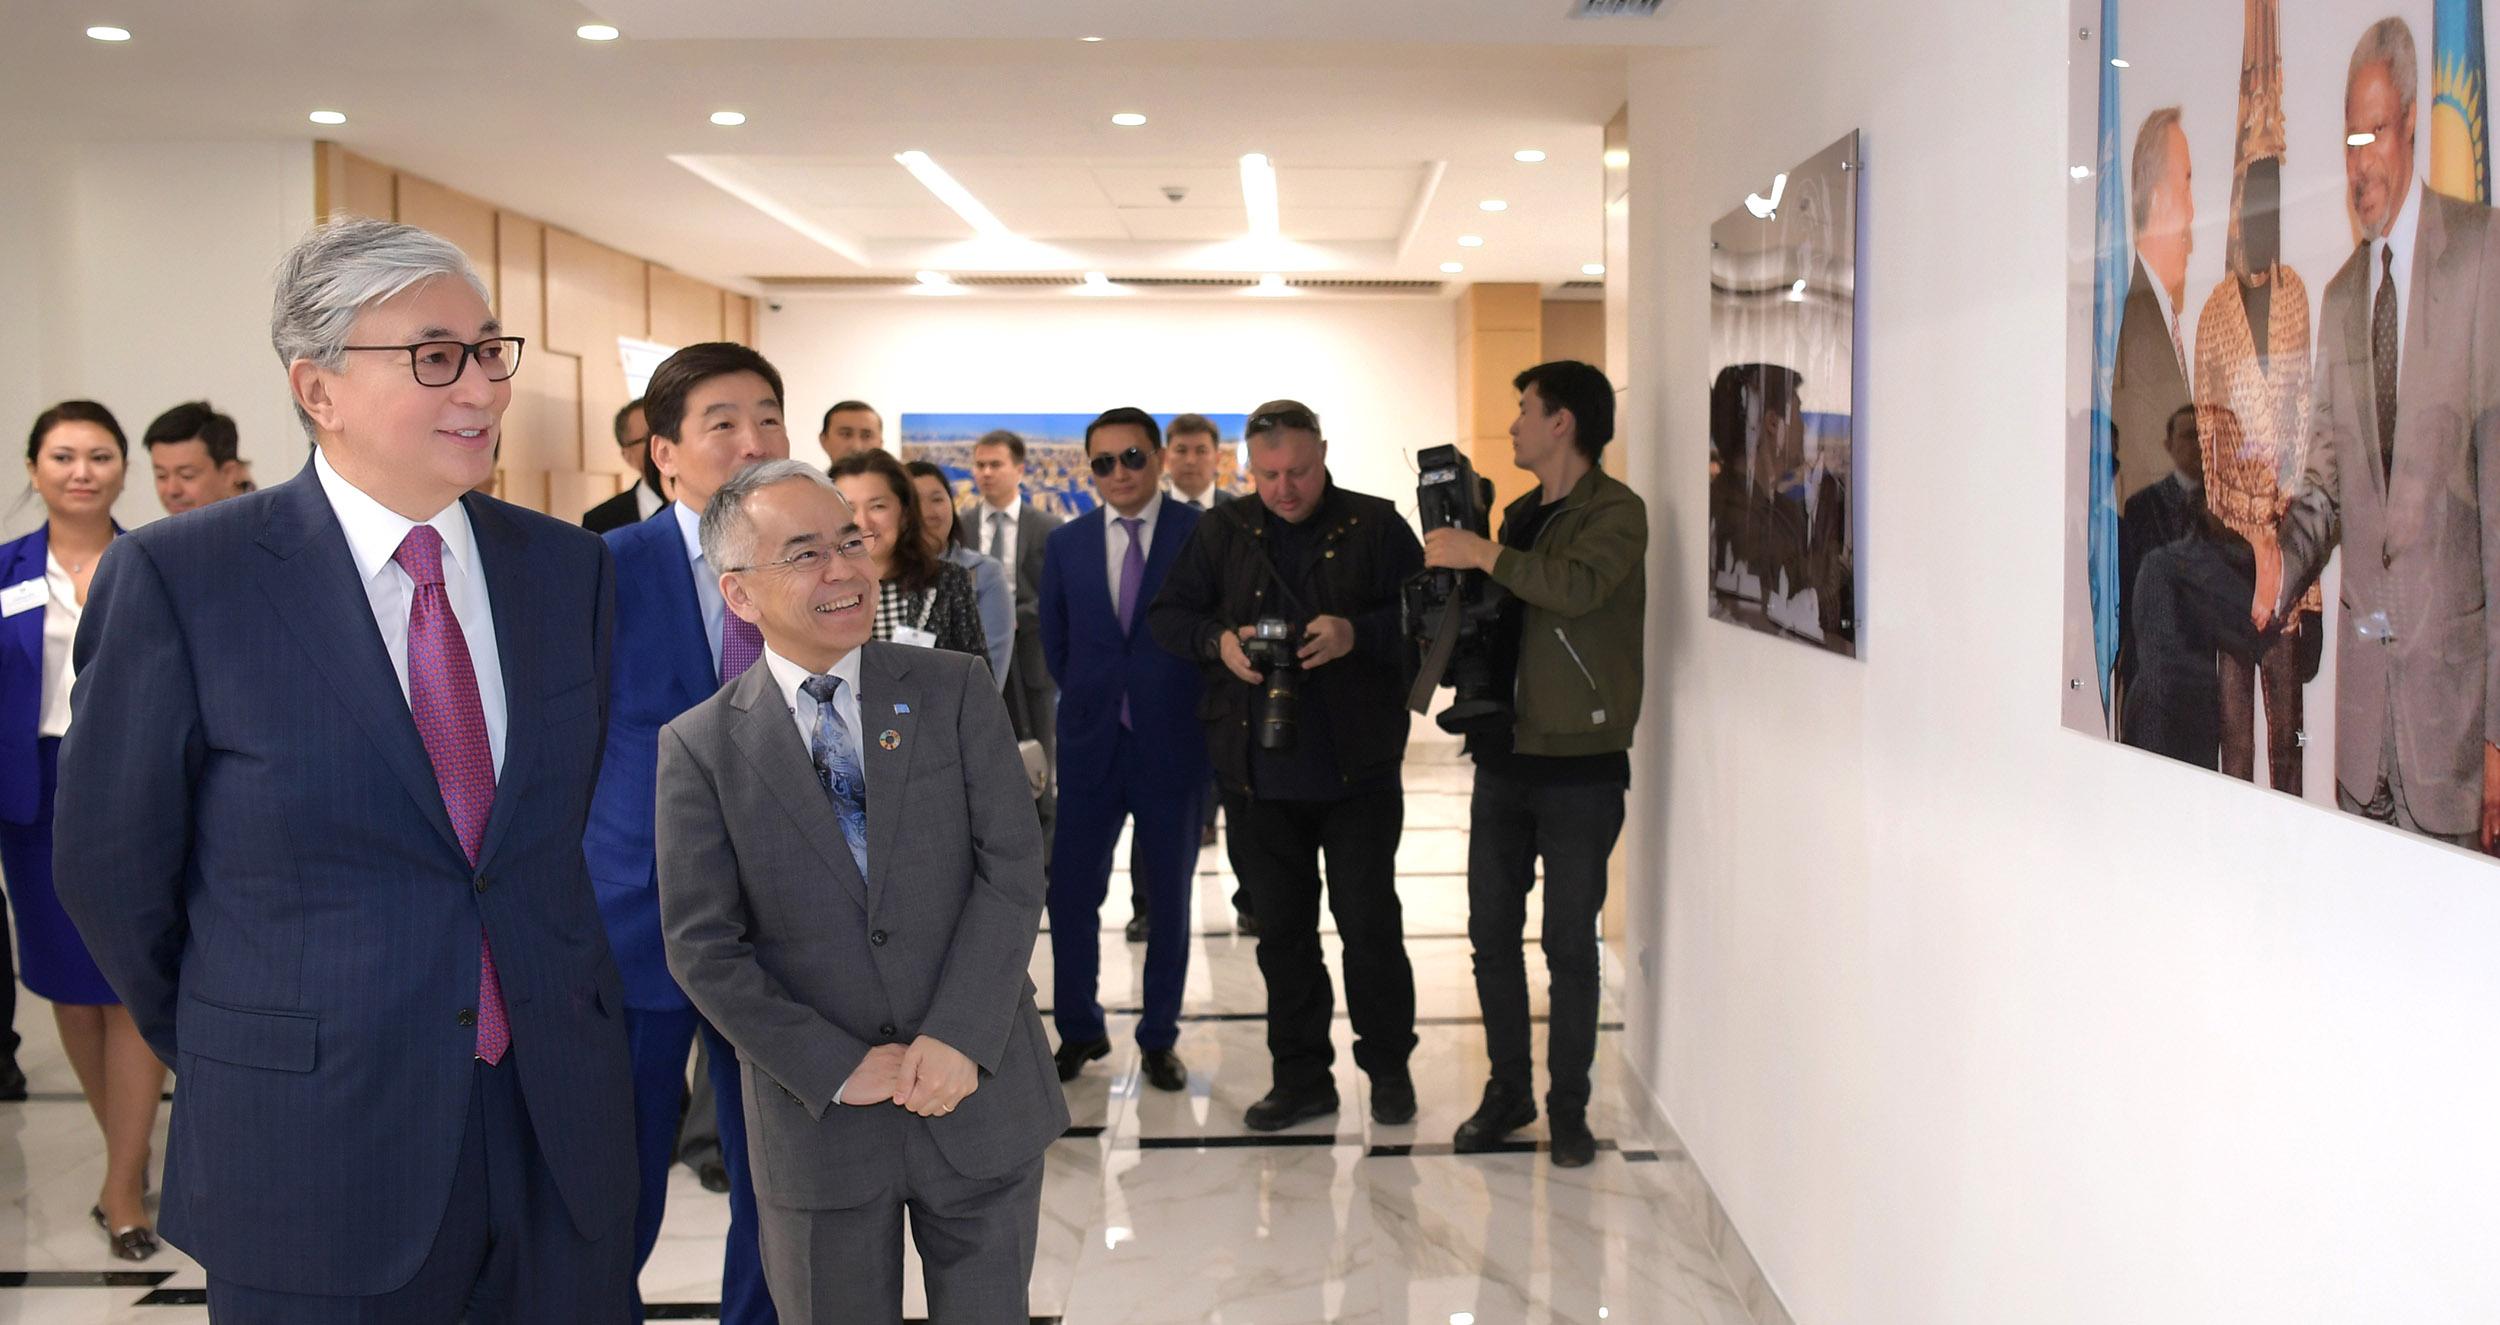 Казахстан полностью привержен принципам ООН – Касым-Жомарт Токаев